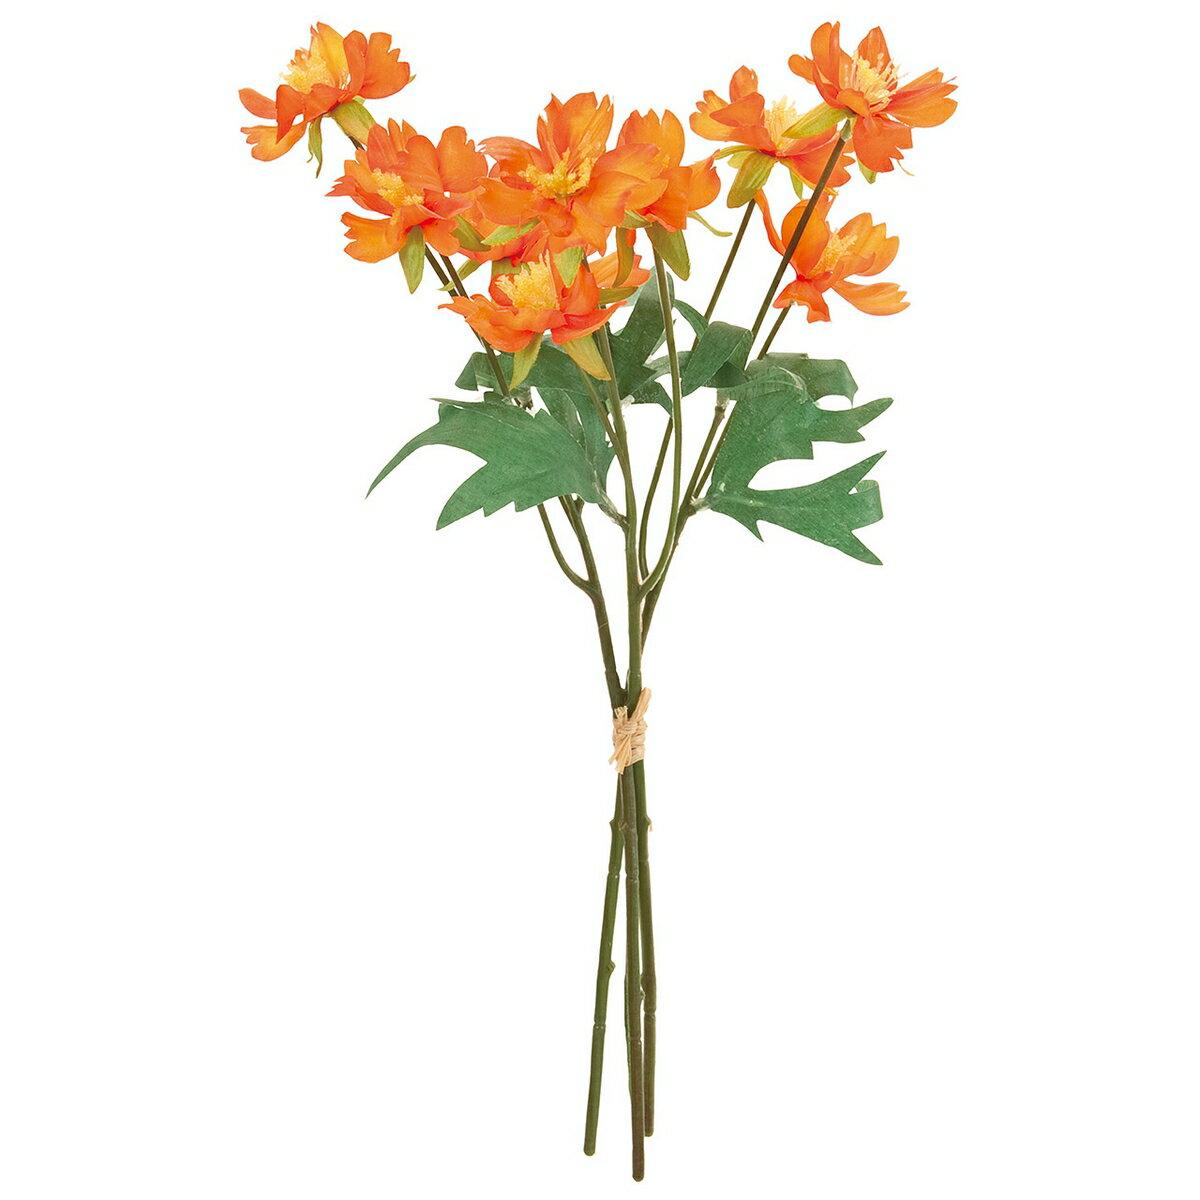 【造花】MAGIQ(東京堂)/フルリールコスモスブーケ #9 ORANGE オレンジ 3本/FM008118-009【01】【取寄】《 造花(アーティフィシャルフラワー) 造花 花材「か行」 コスモス 》